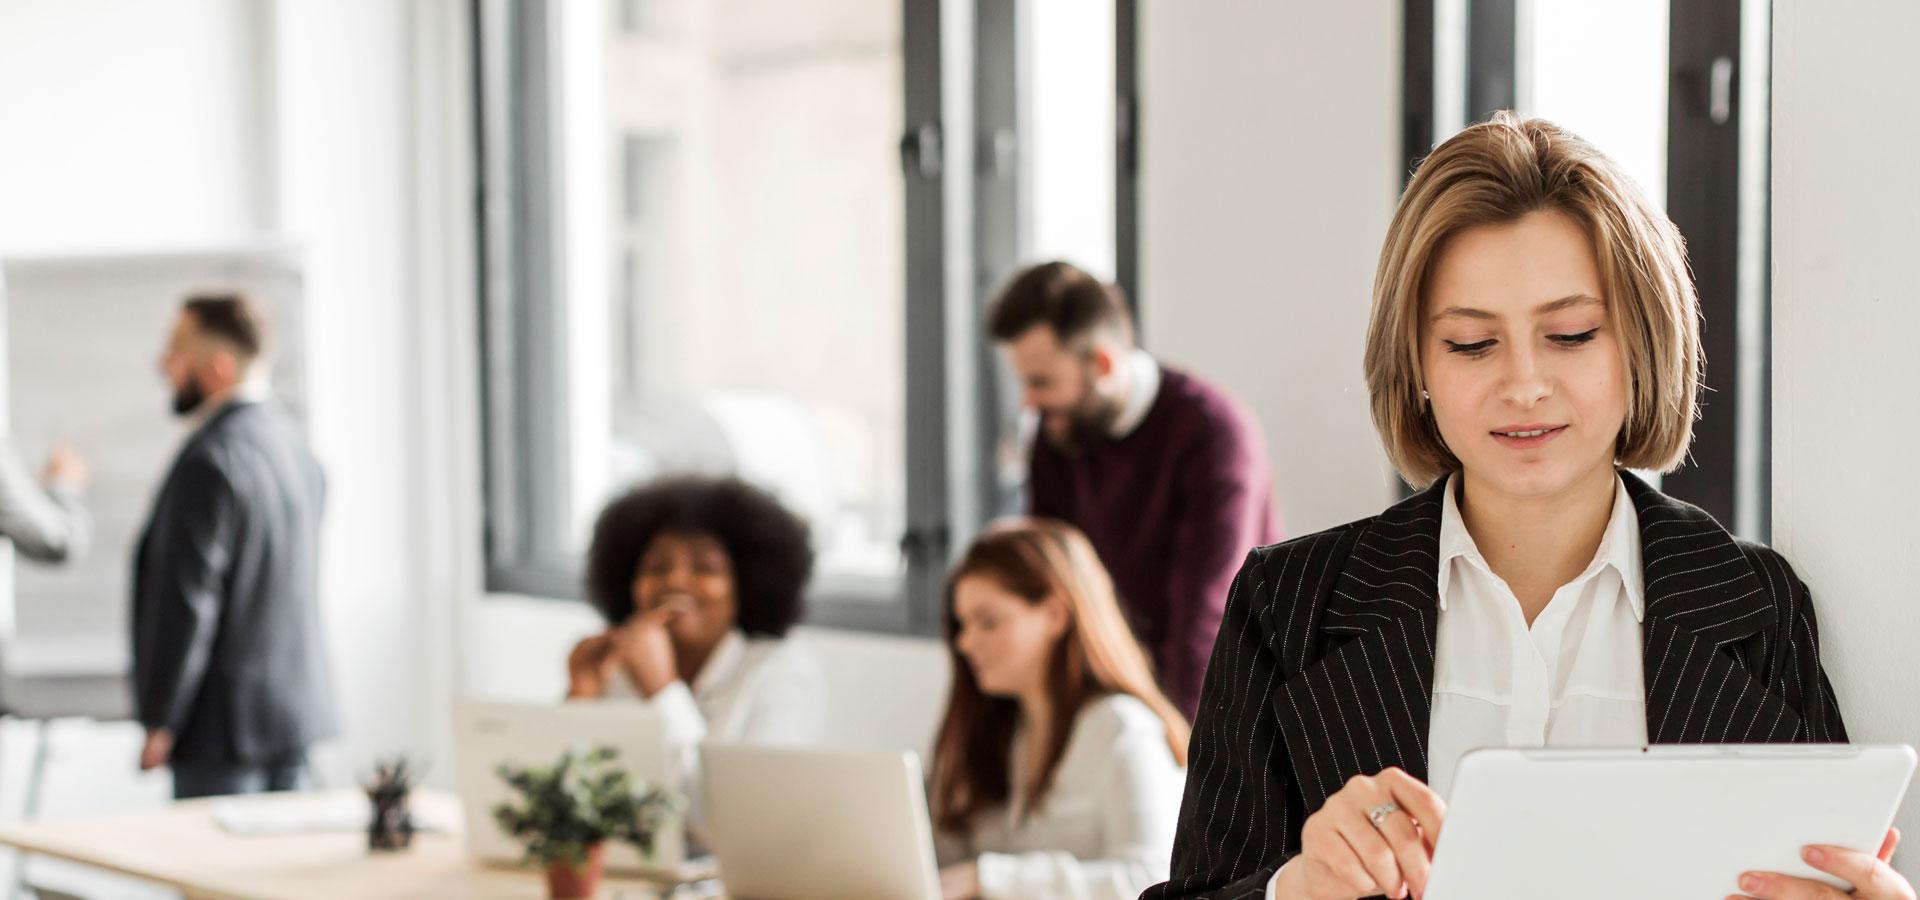 Consultoria de RH – vale a pena? Confira 4 benefícios diretos.